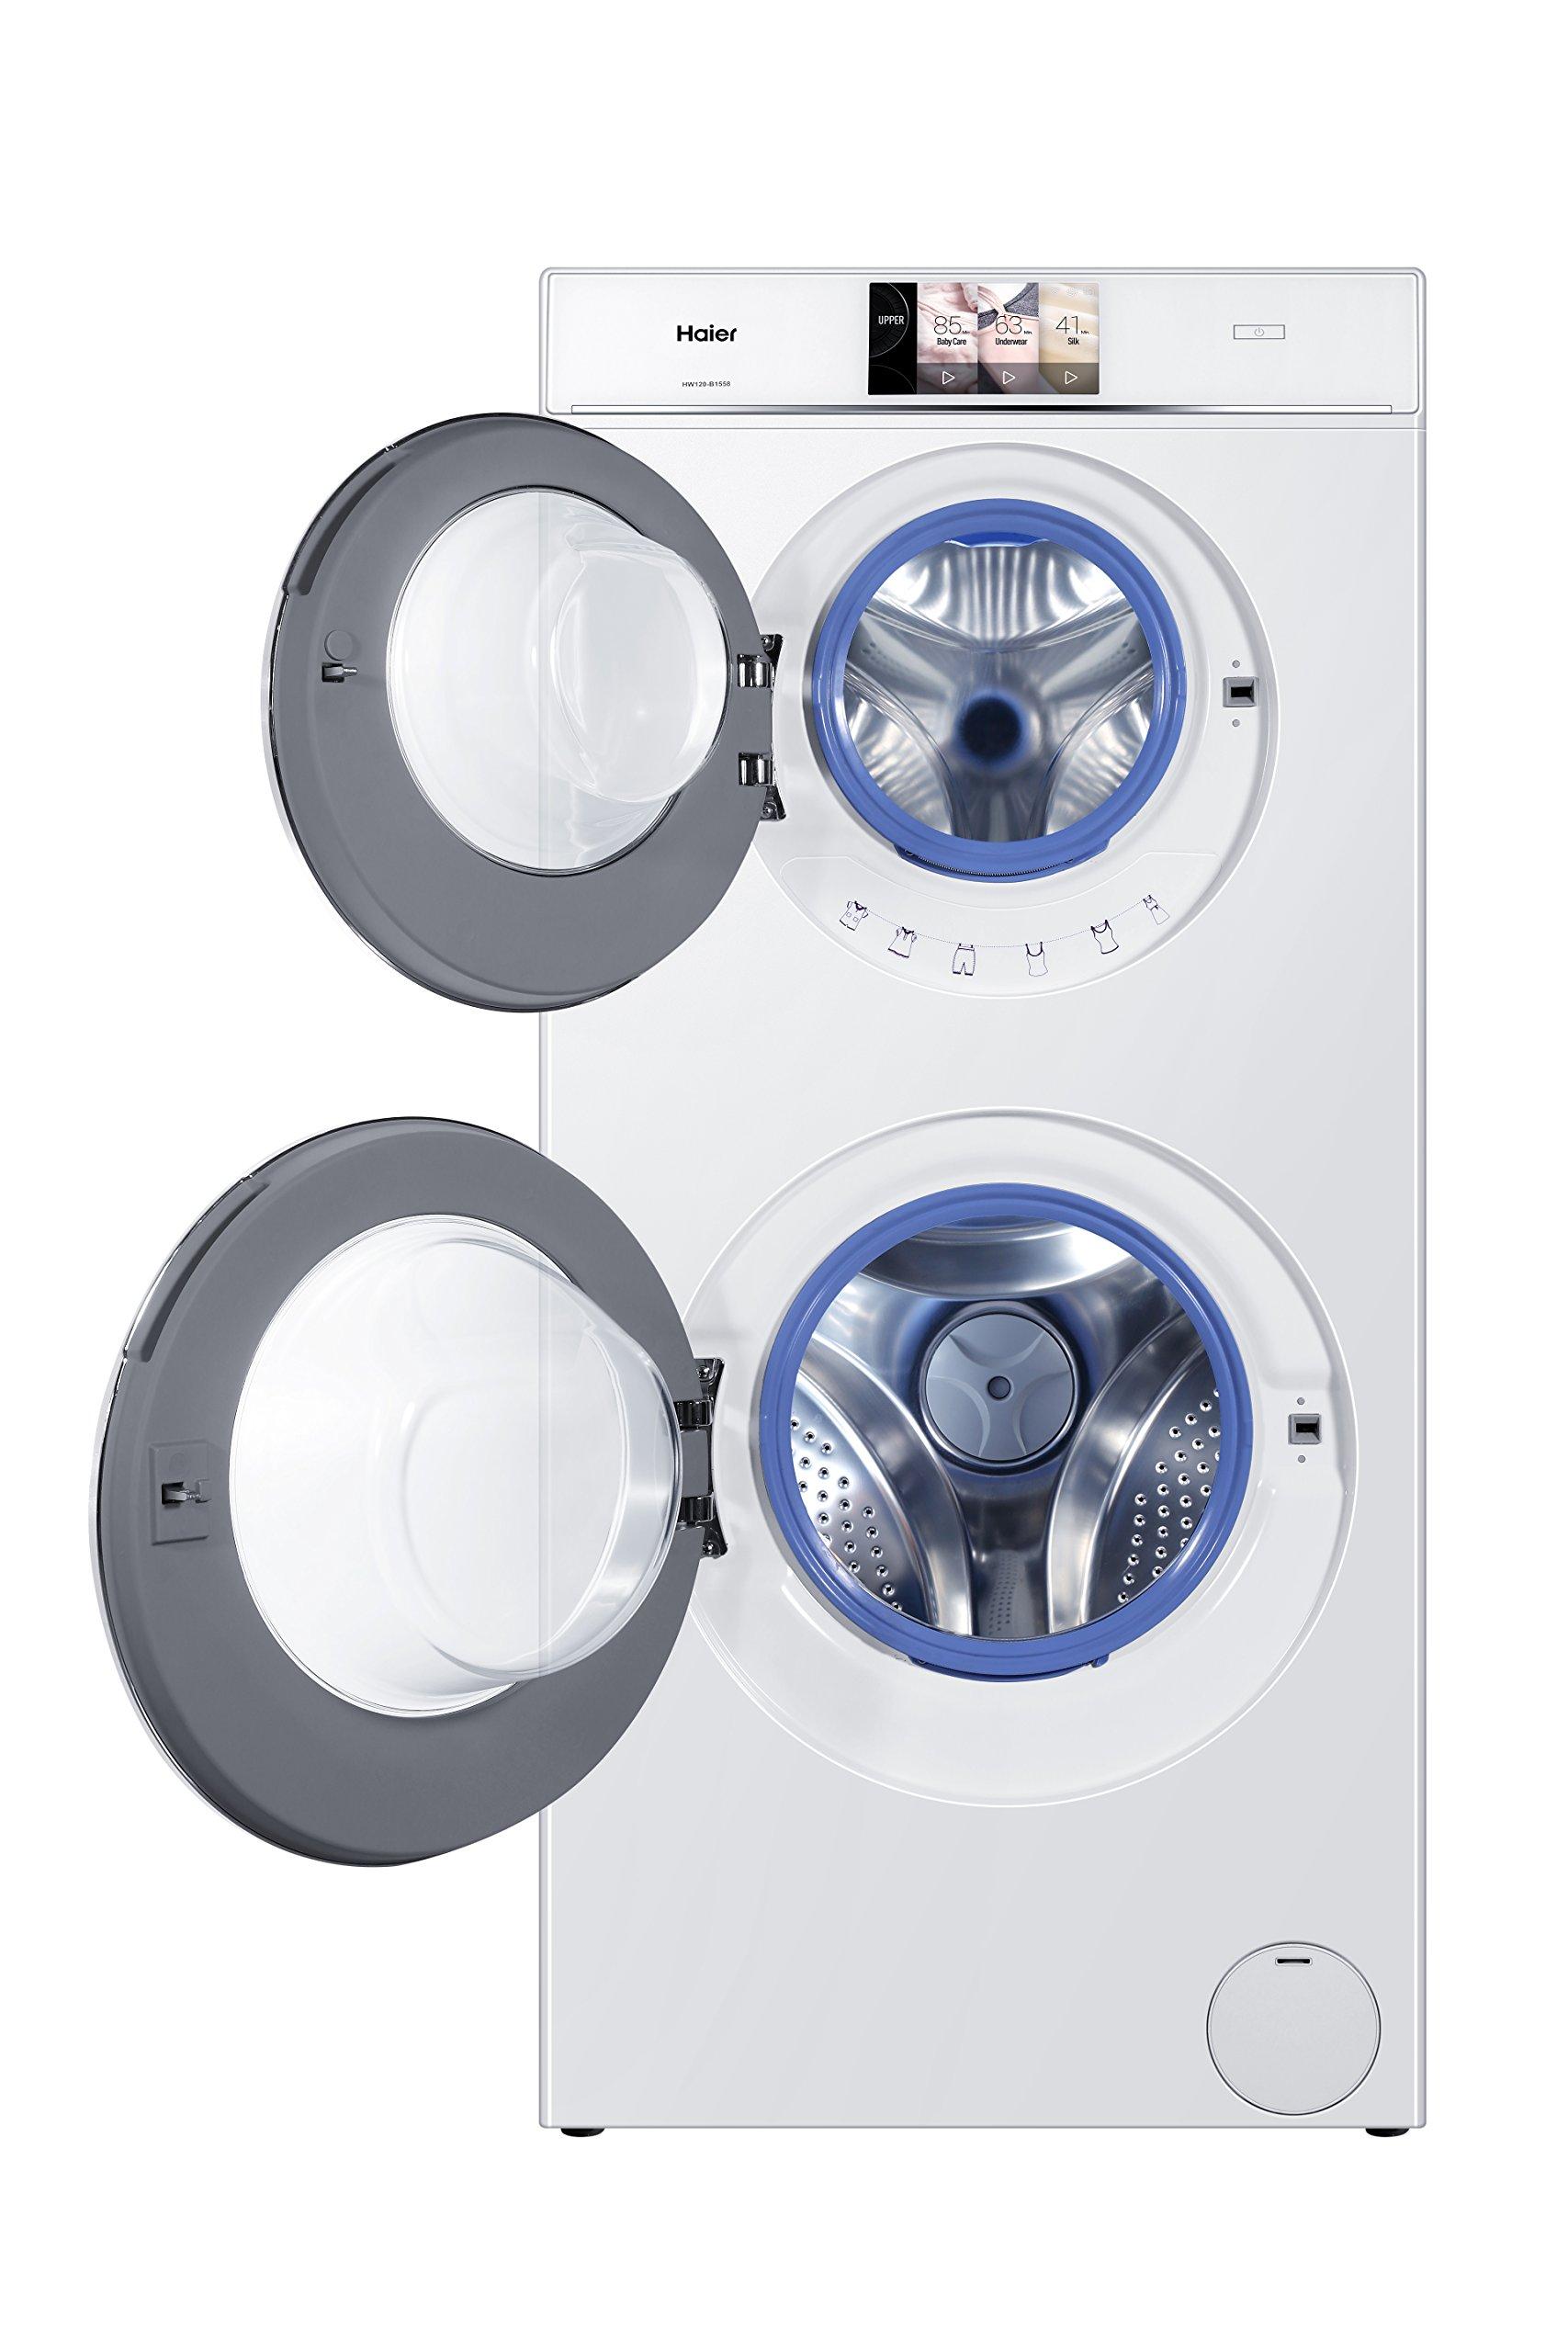 Haier-HW120-B1558-Waschmaschine-FLA-198-kWhJahr-1500-UpM-12-kg-2-Trommeln-gleichzeitiges-Waschenwei